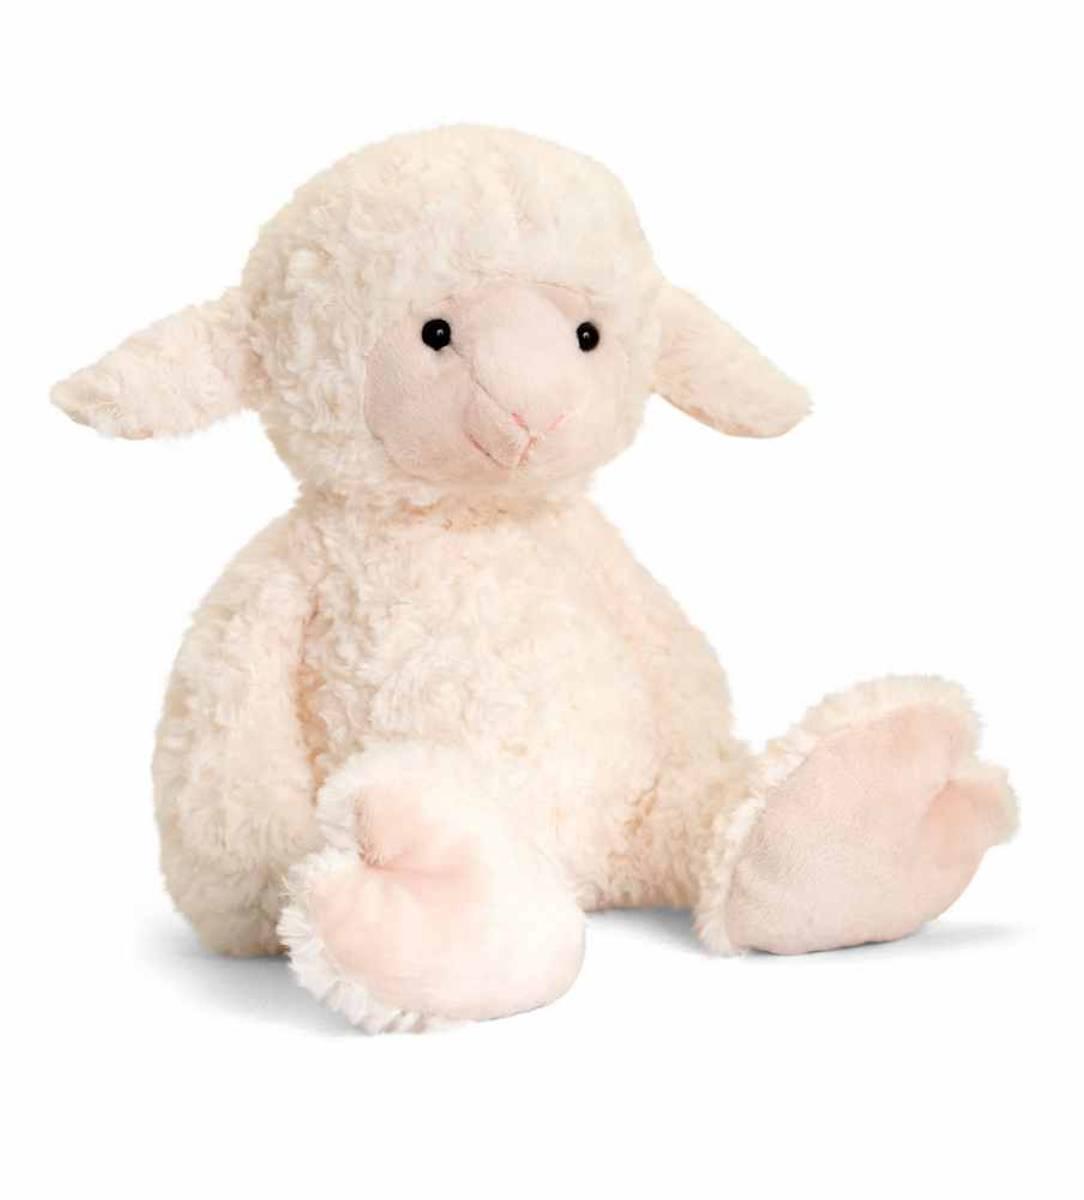 gårdsdyr kosebamser, 18 cm, Keel toys